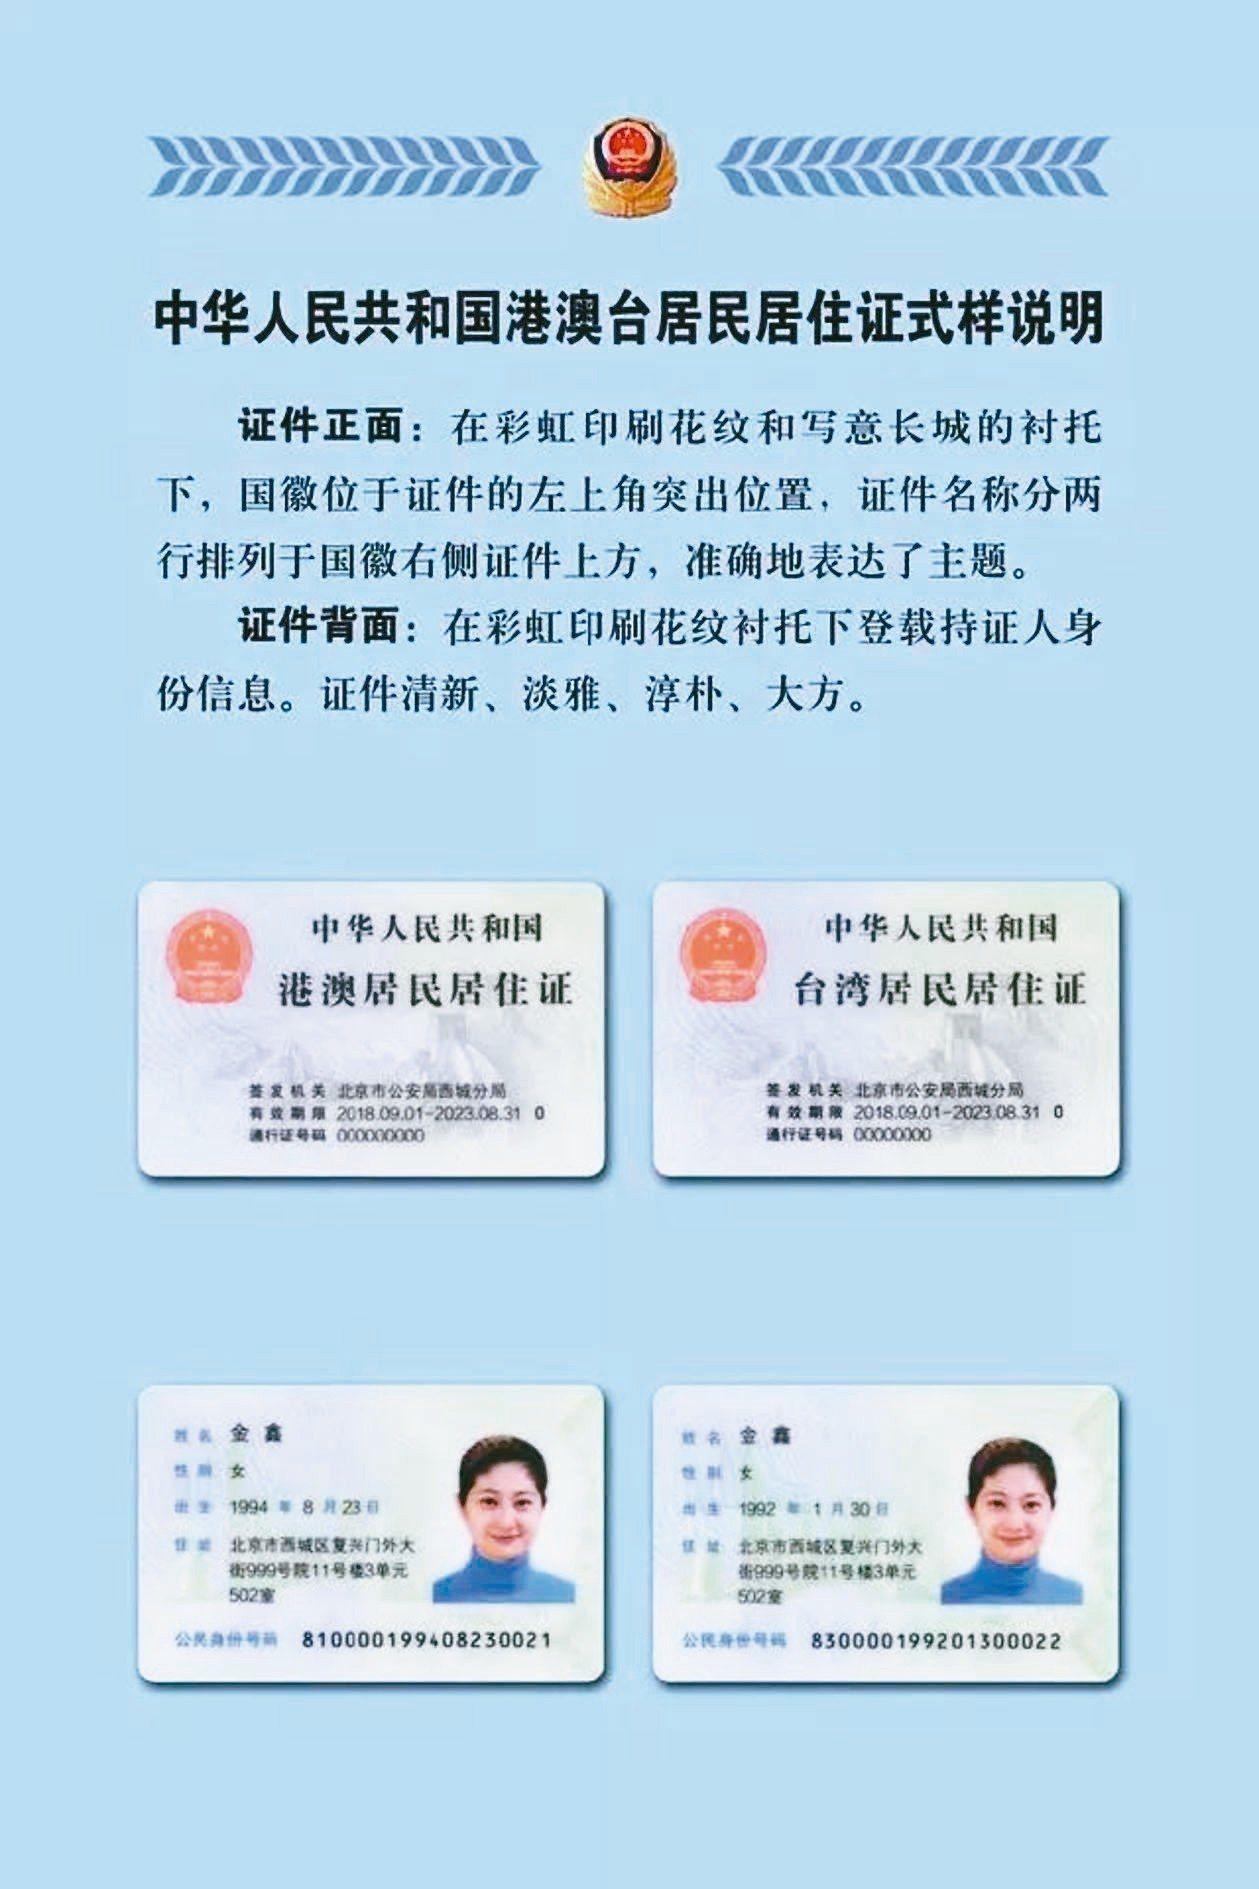 大陸剛公布的台灣居民居住證。 圖/「京彩台灣」微信公眾號。